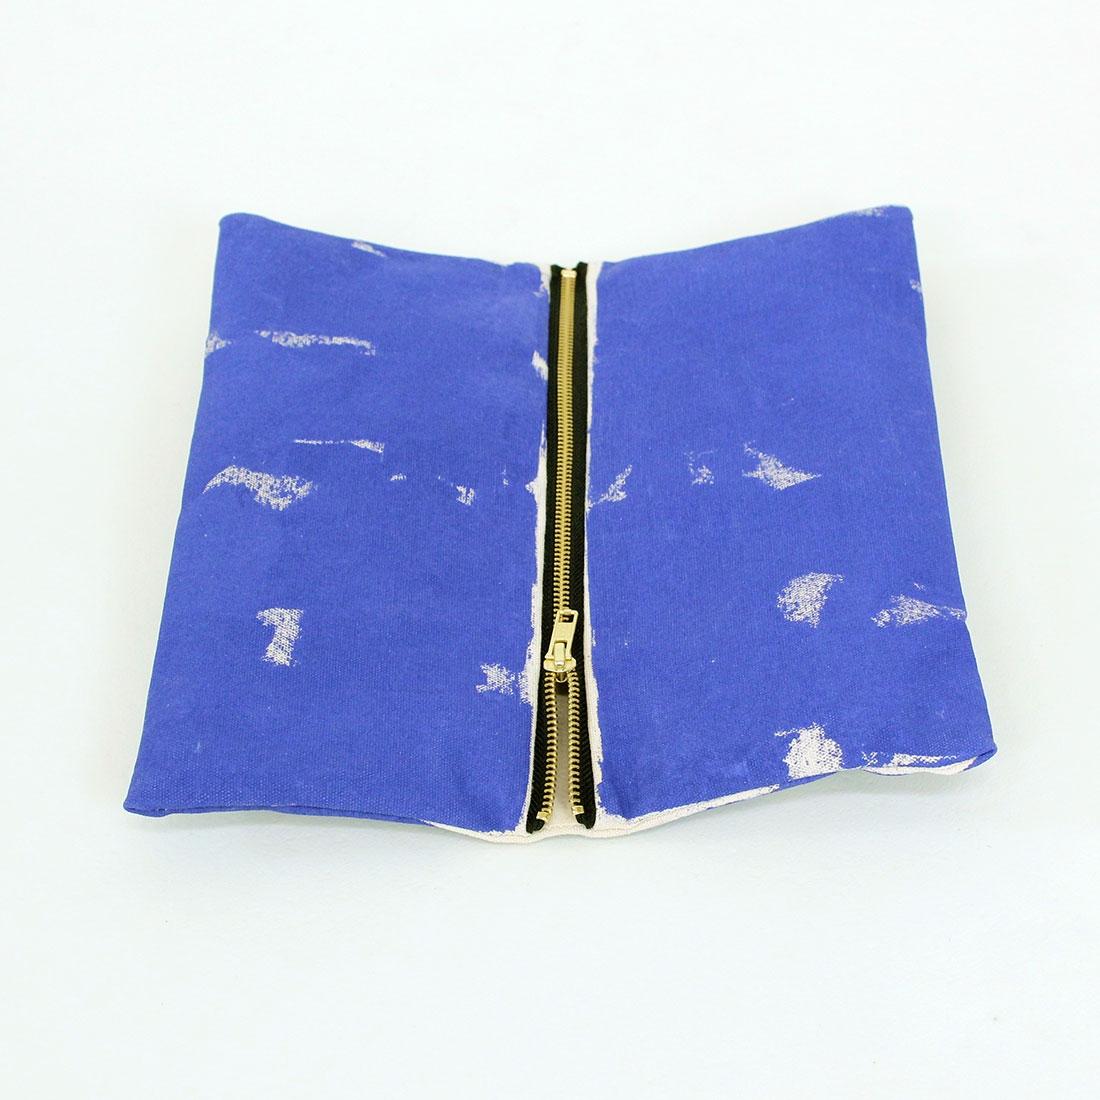 Pochette peinte indigo